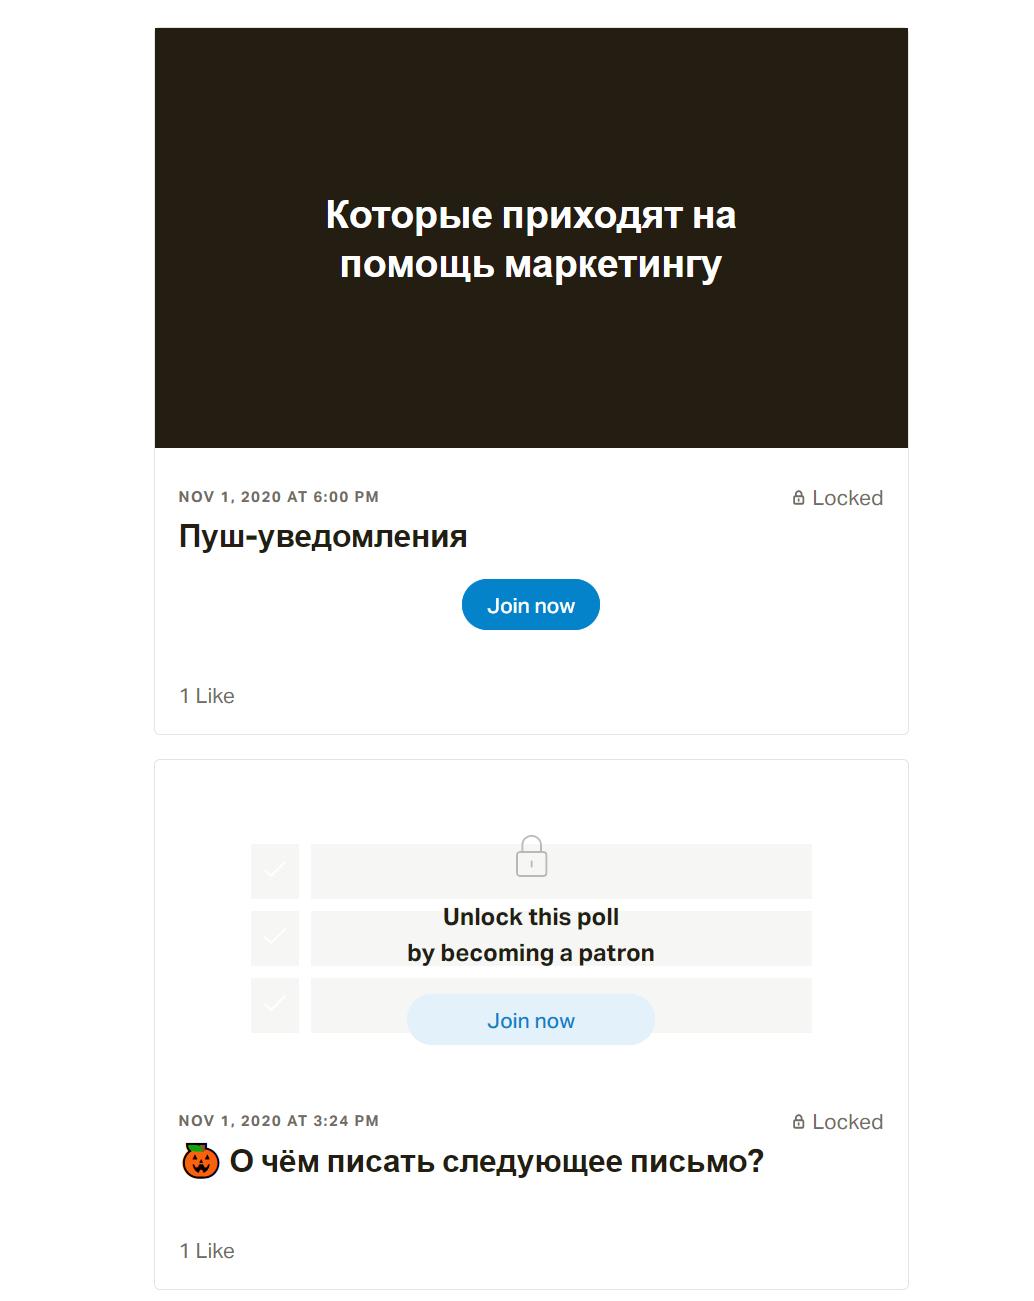 Те, кто не подписался на «Текст в интерфейсе», видят только темы писем и опросов в Patreon